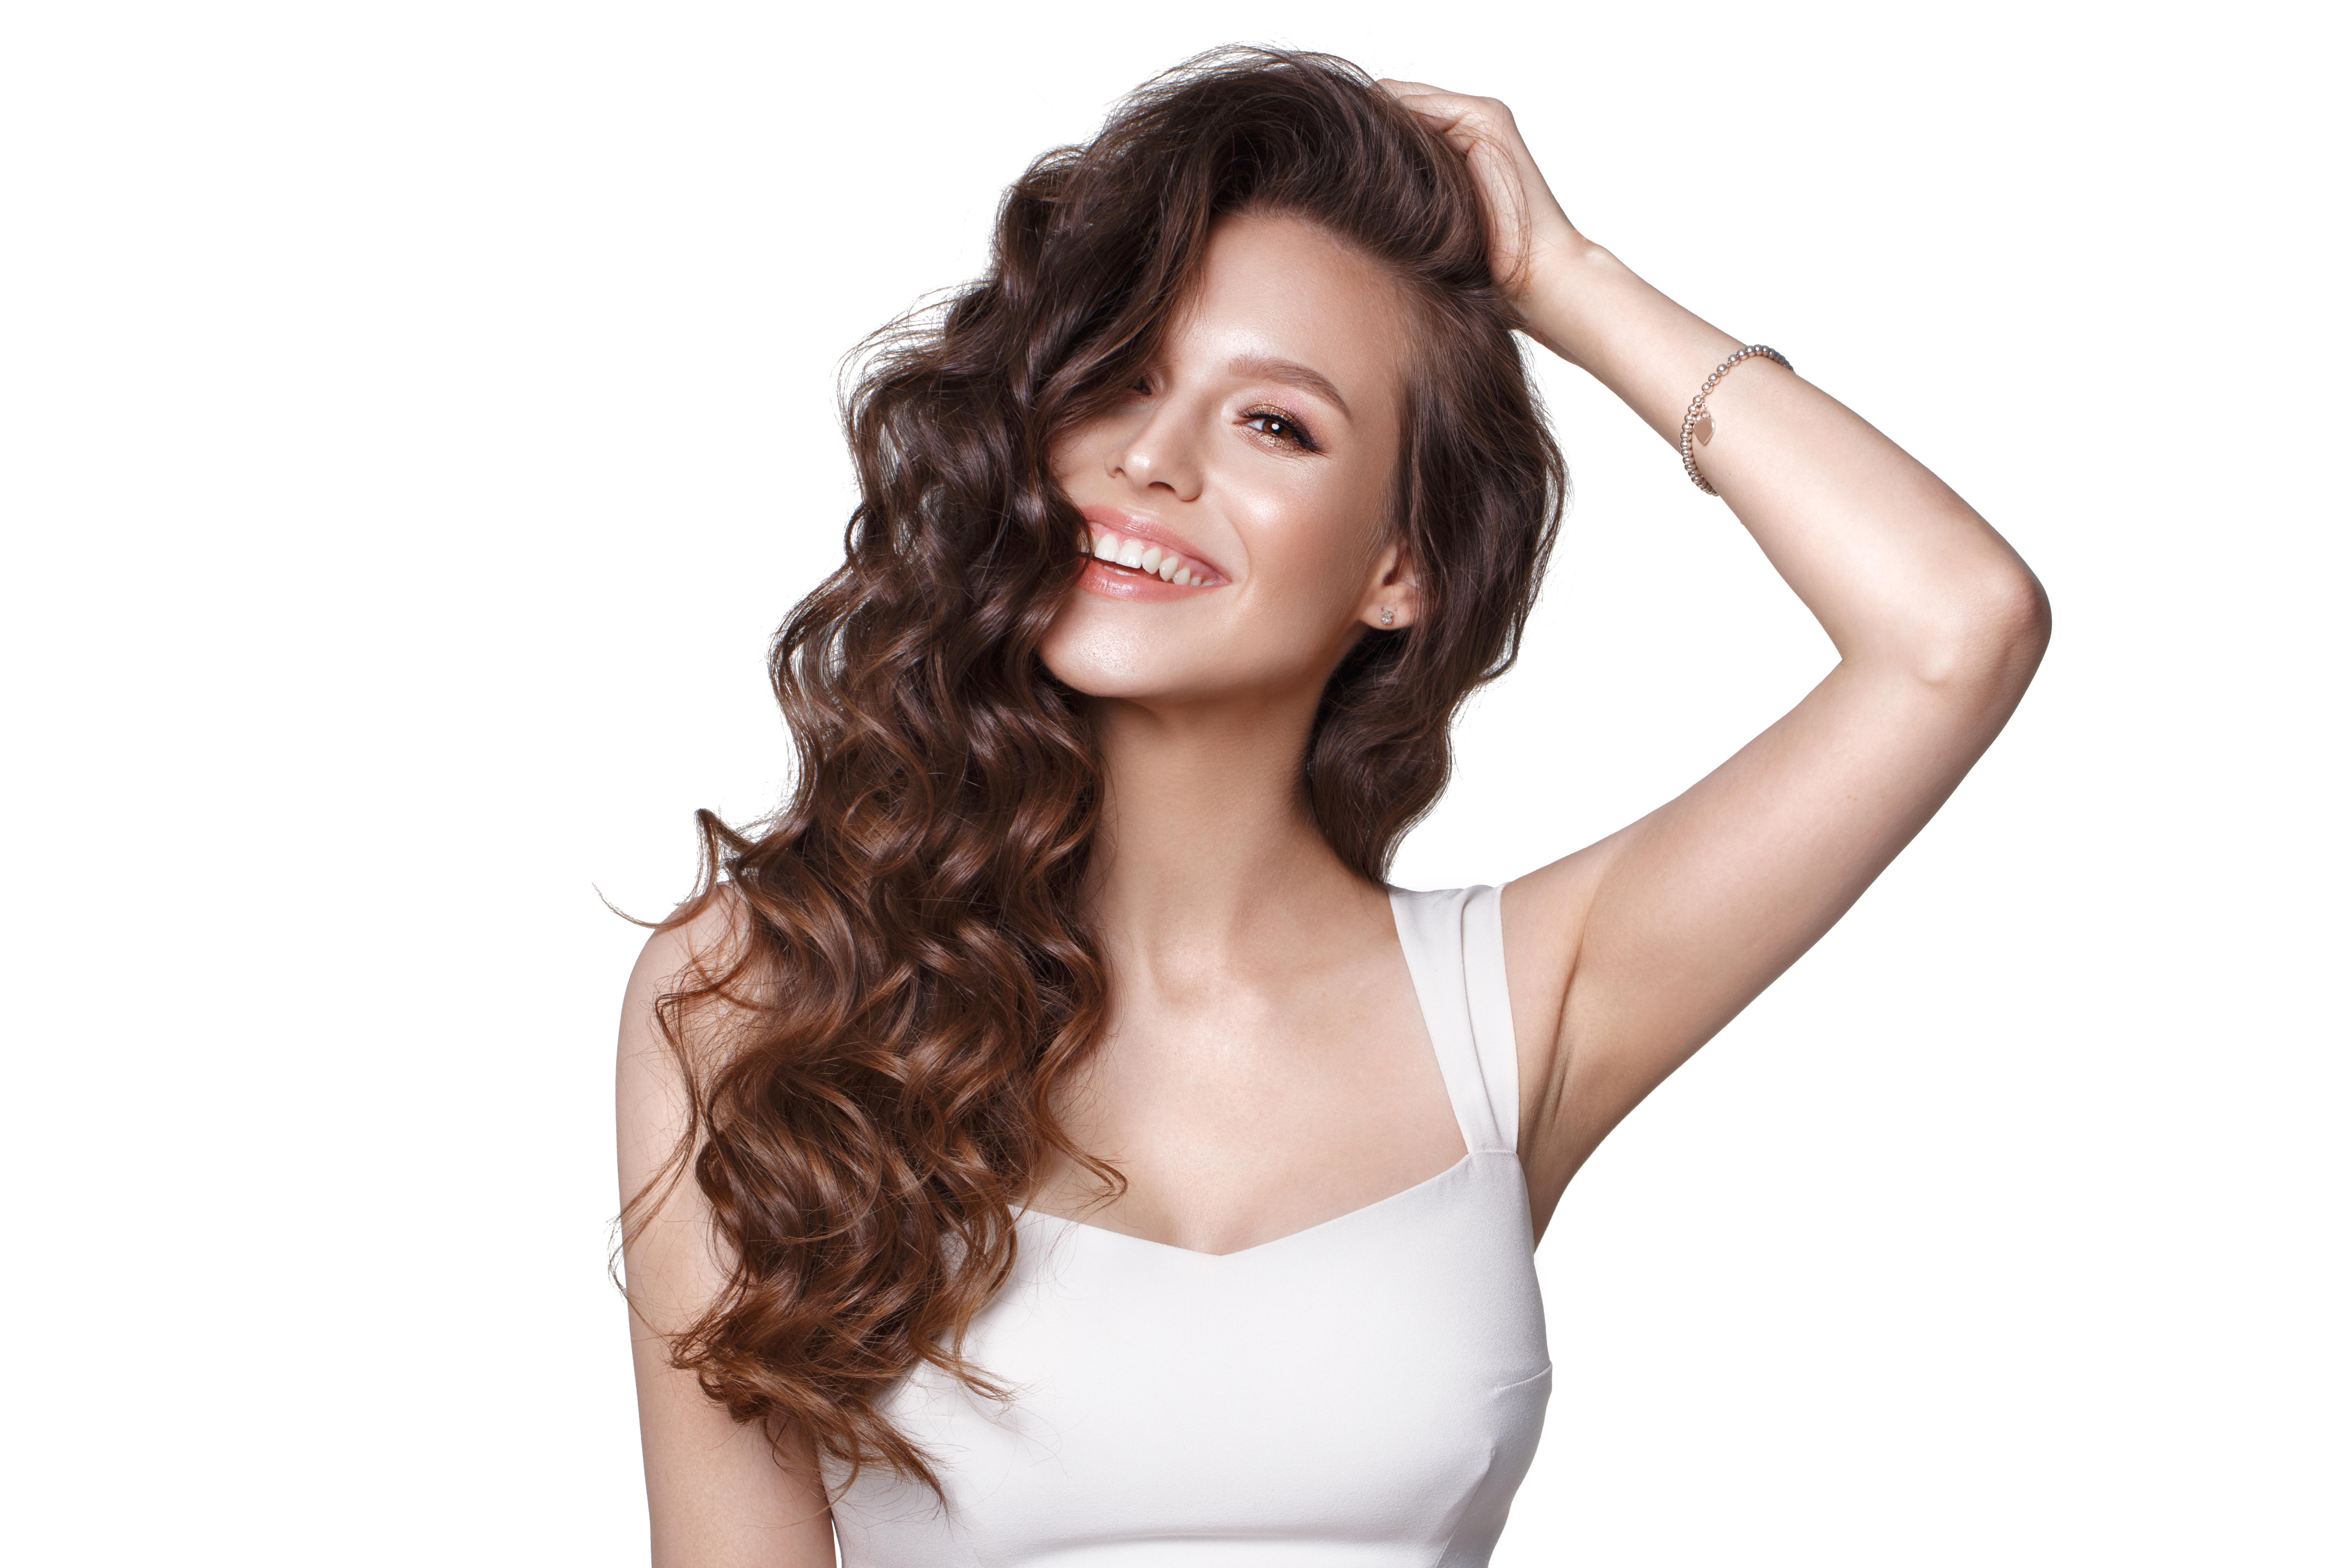 Консултация със специалист, подстригване, терапия според типа коса и прическа със сешоар във фризьоро-козметичен салон Вили! - Снимка